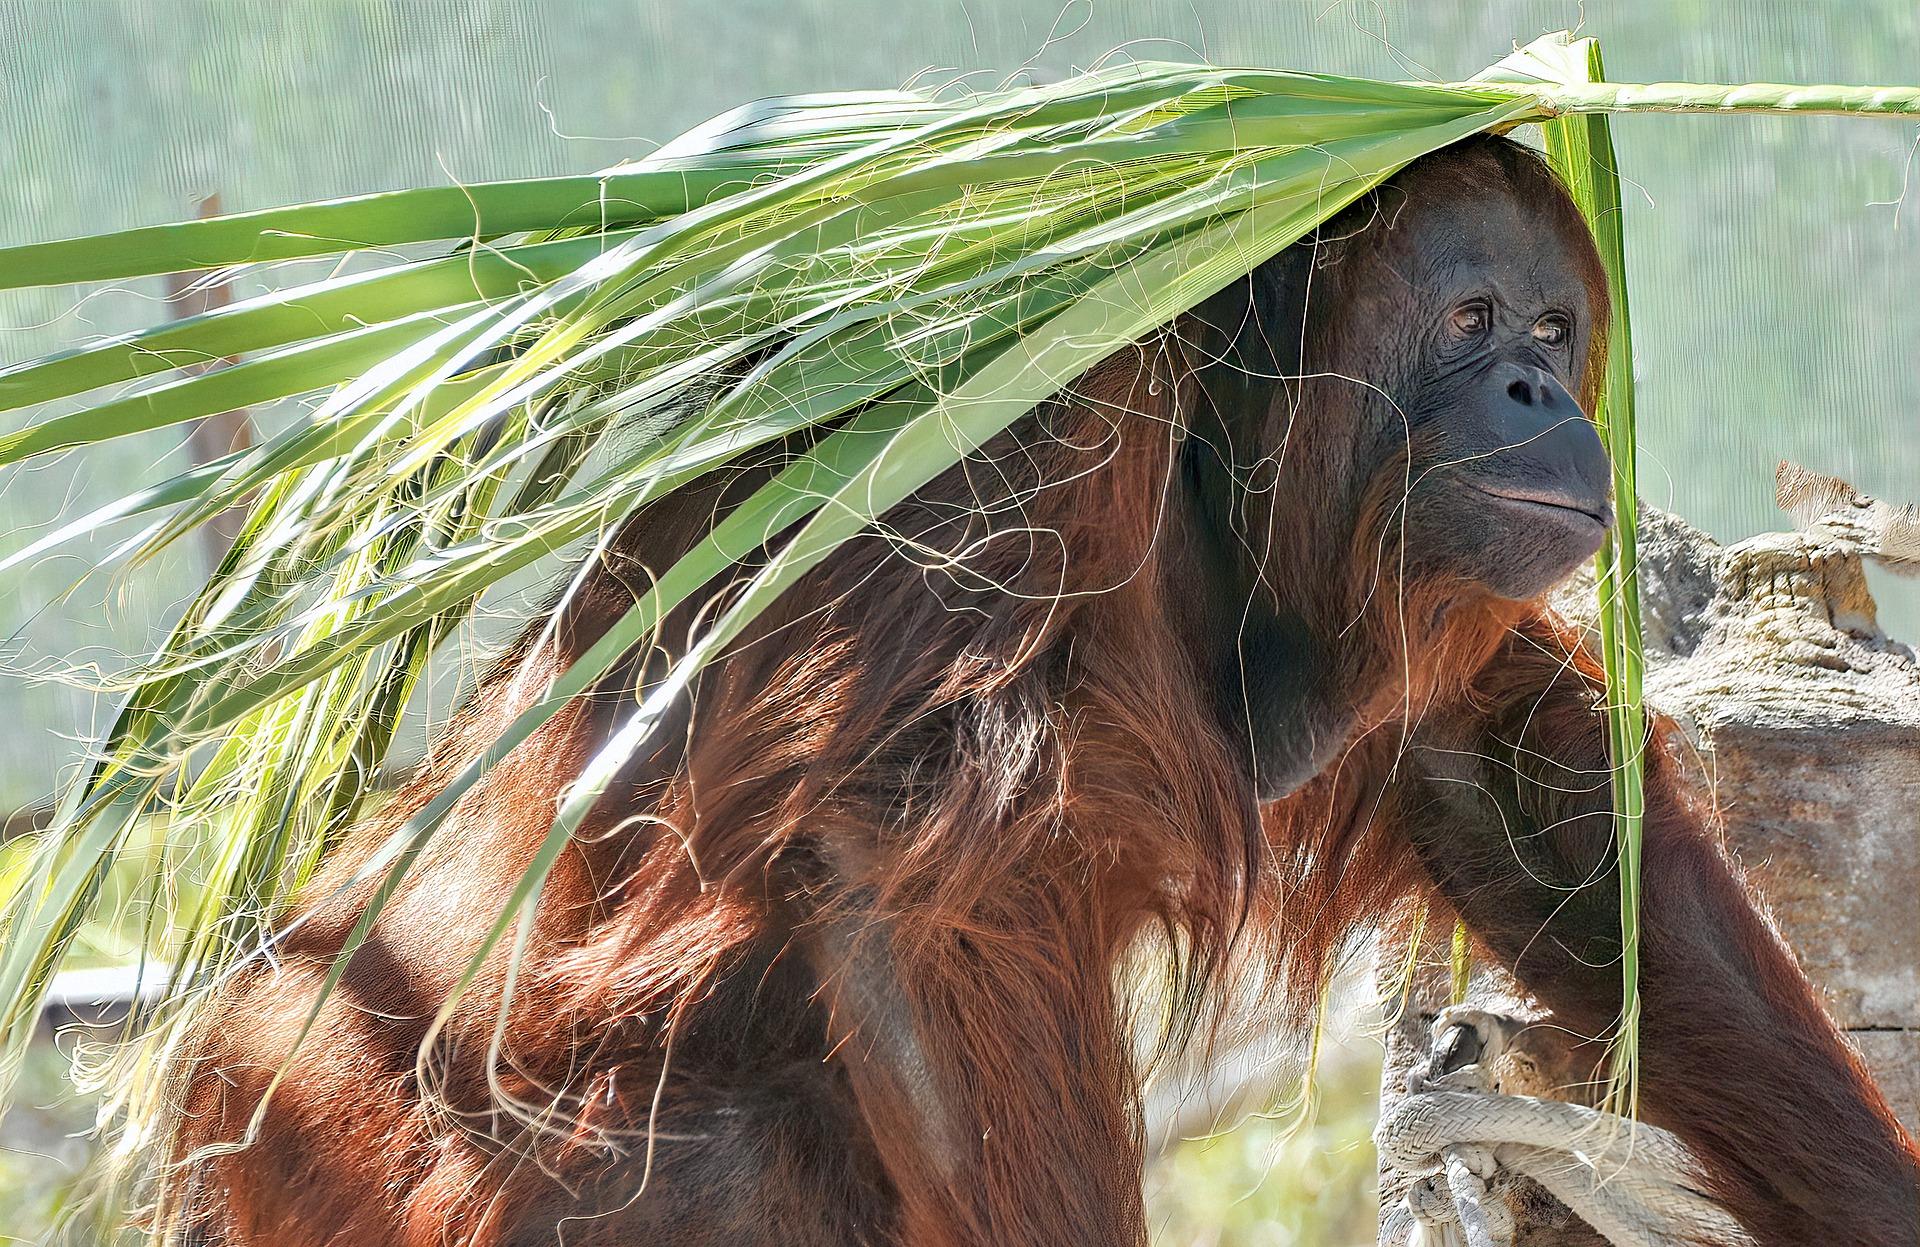 Orang outang borneo